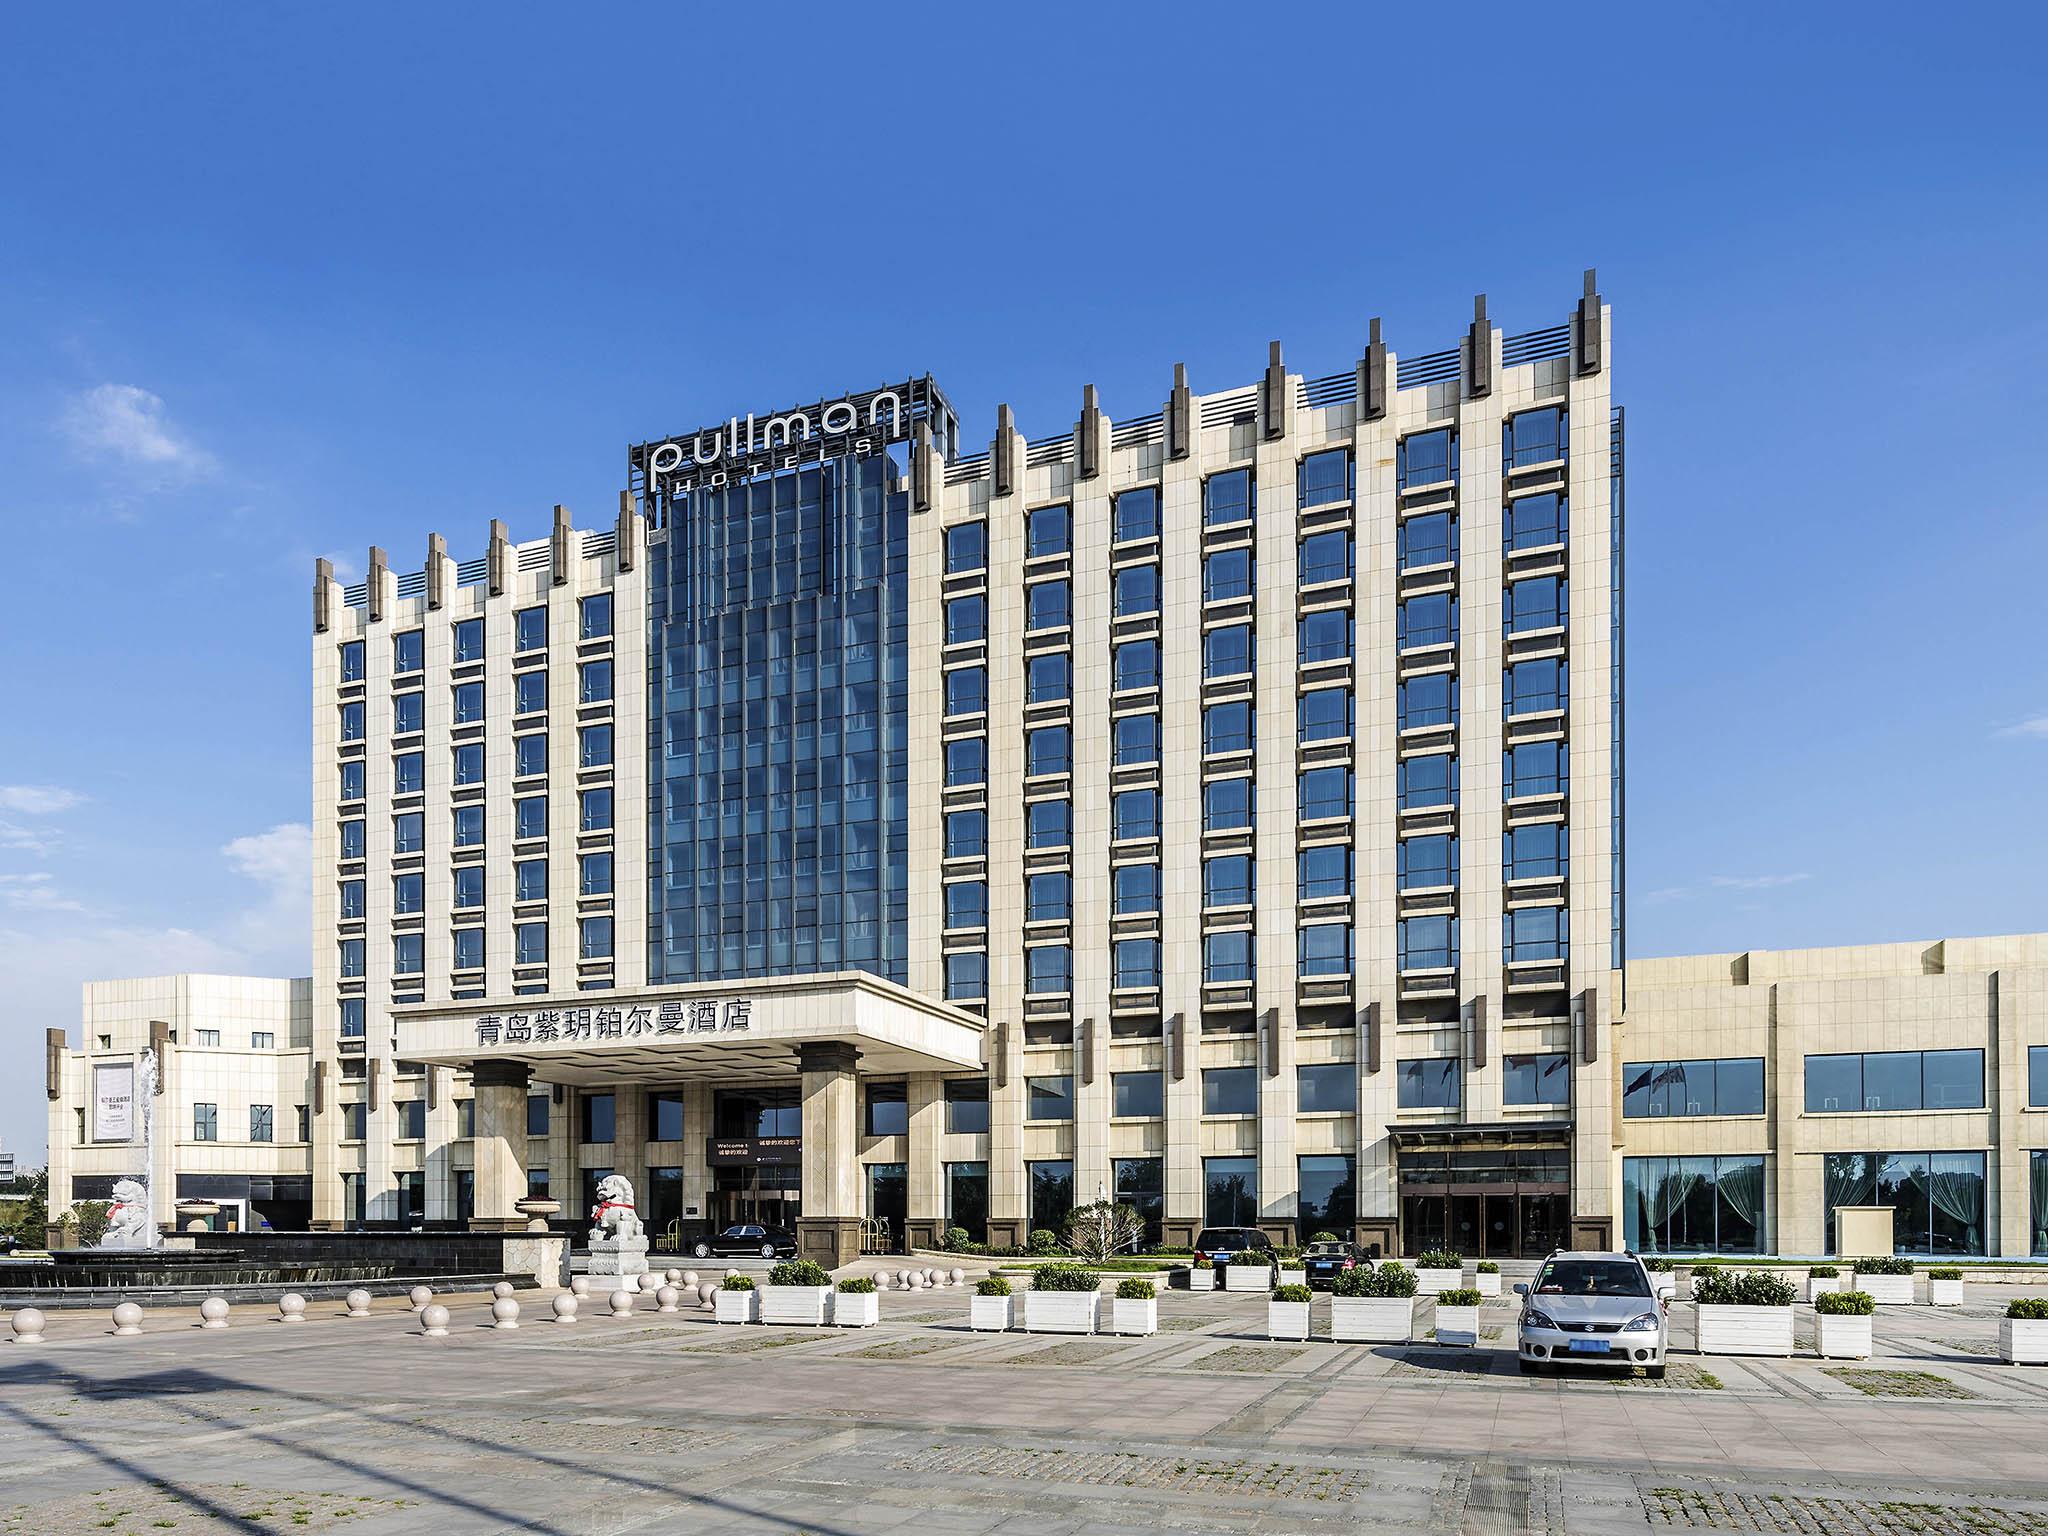 Otel – Pullman Qingdao Ziyue